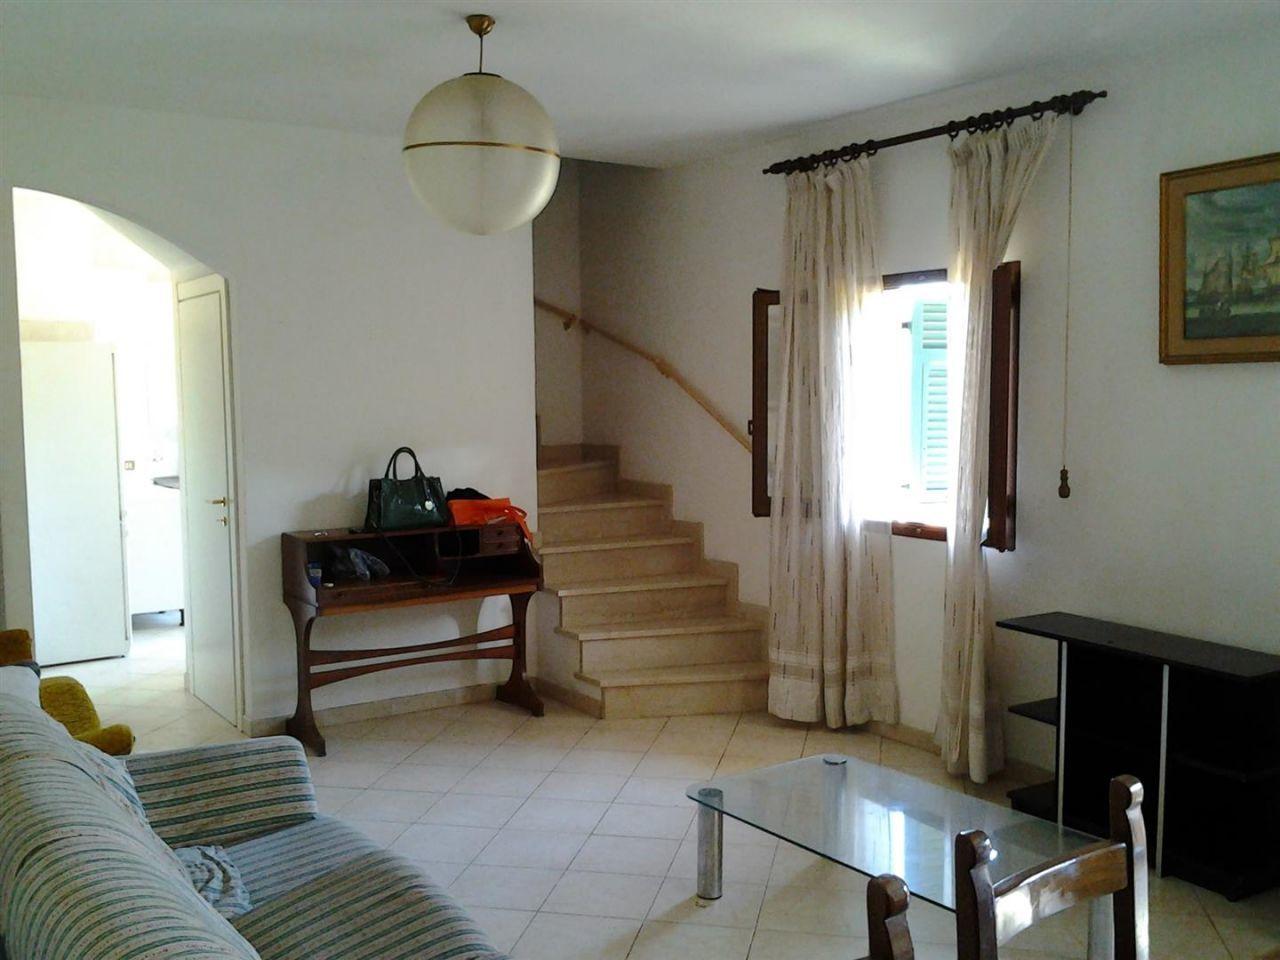 Casa indipendente quadrilocale in vendita a Ameglia (SP)